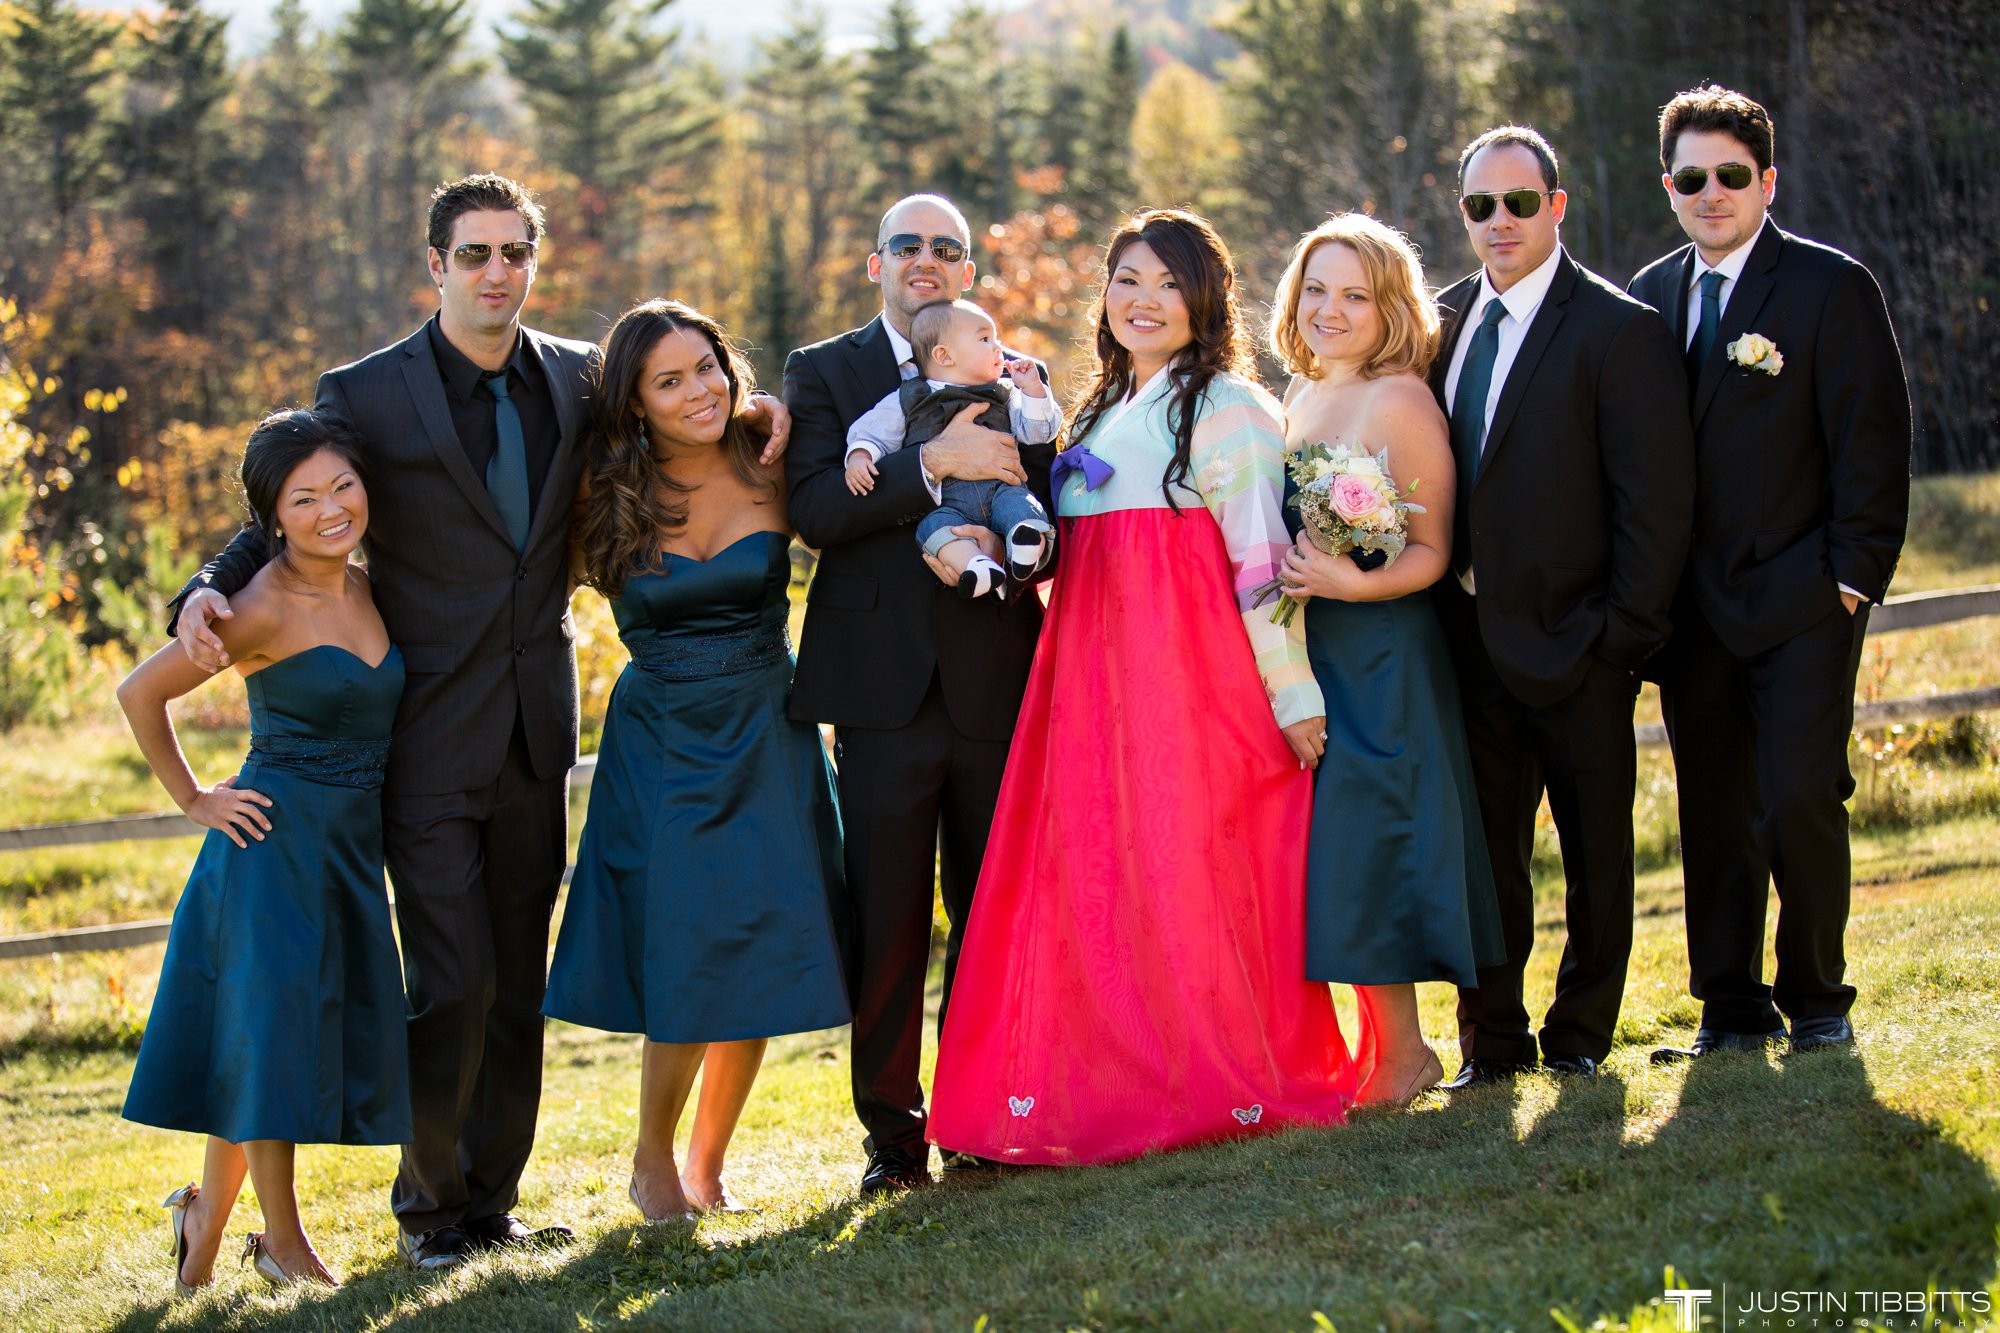 Albany NY Wedding Photographer Justin Tibbitts Photography 2014 Best of Albany NY Weddings-35112345